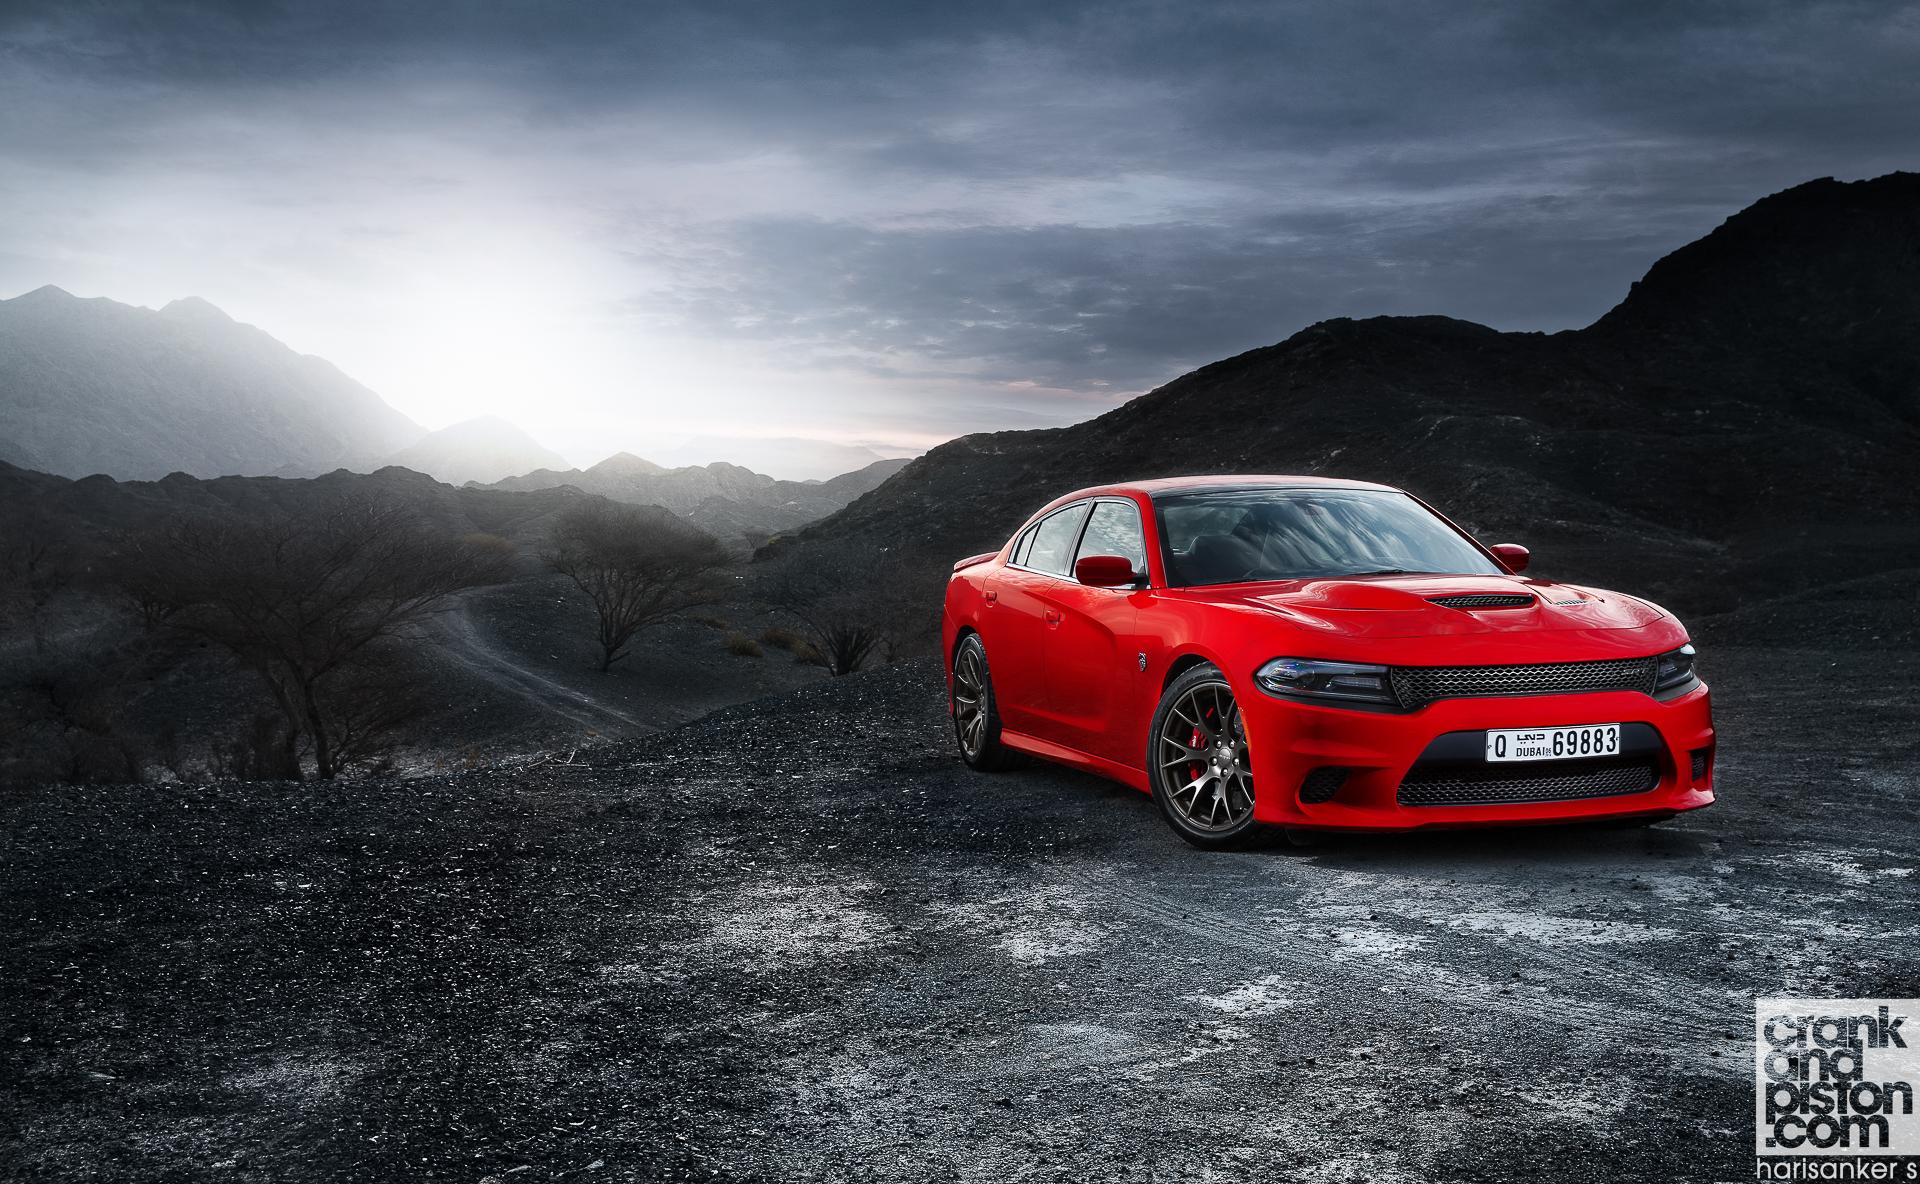 Dodge Charger Srt Hellcat >> Dodge Charger SRT Hellcat. Set 2 - crankandpiston.com